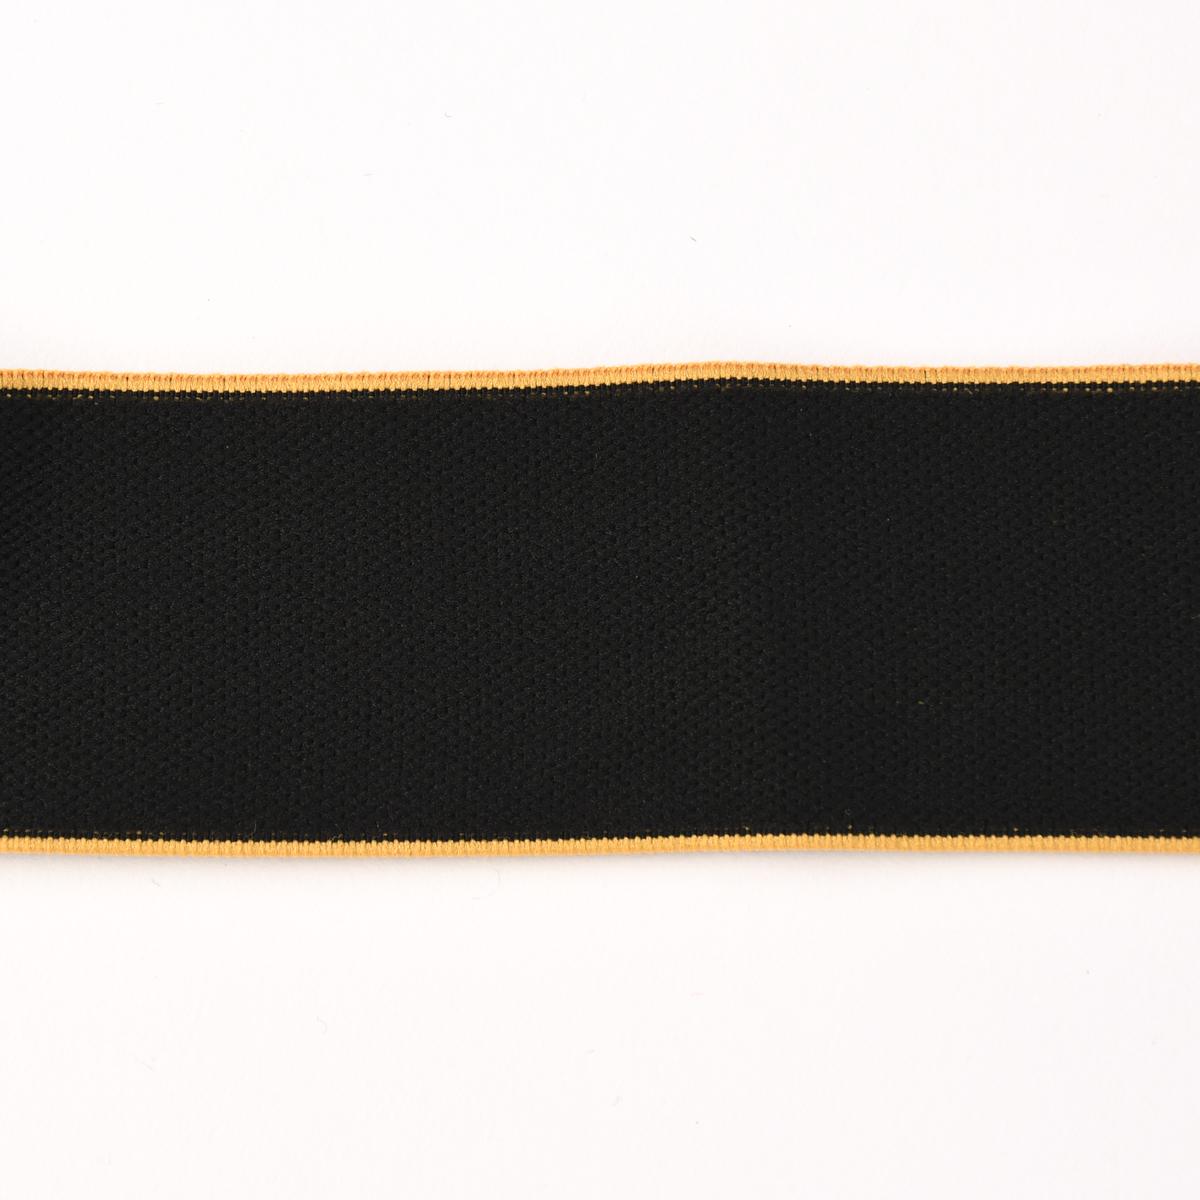 Gummiband mit farbigem Rand schwarz gelb Breite: 4cm